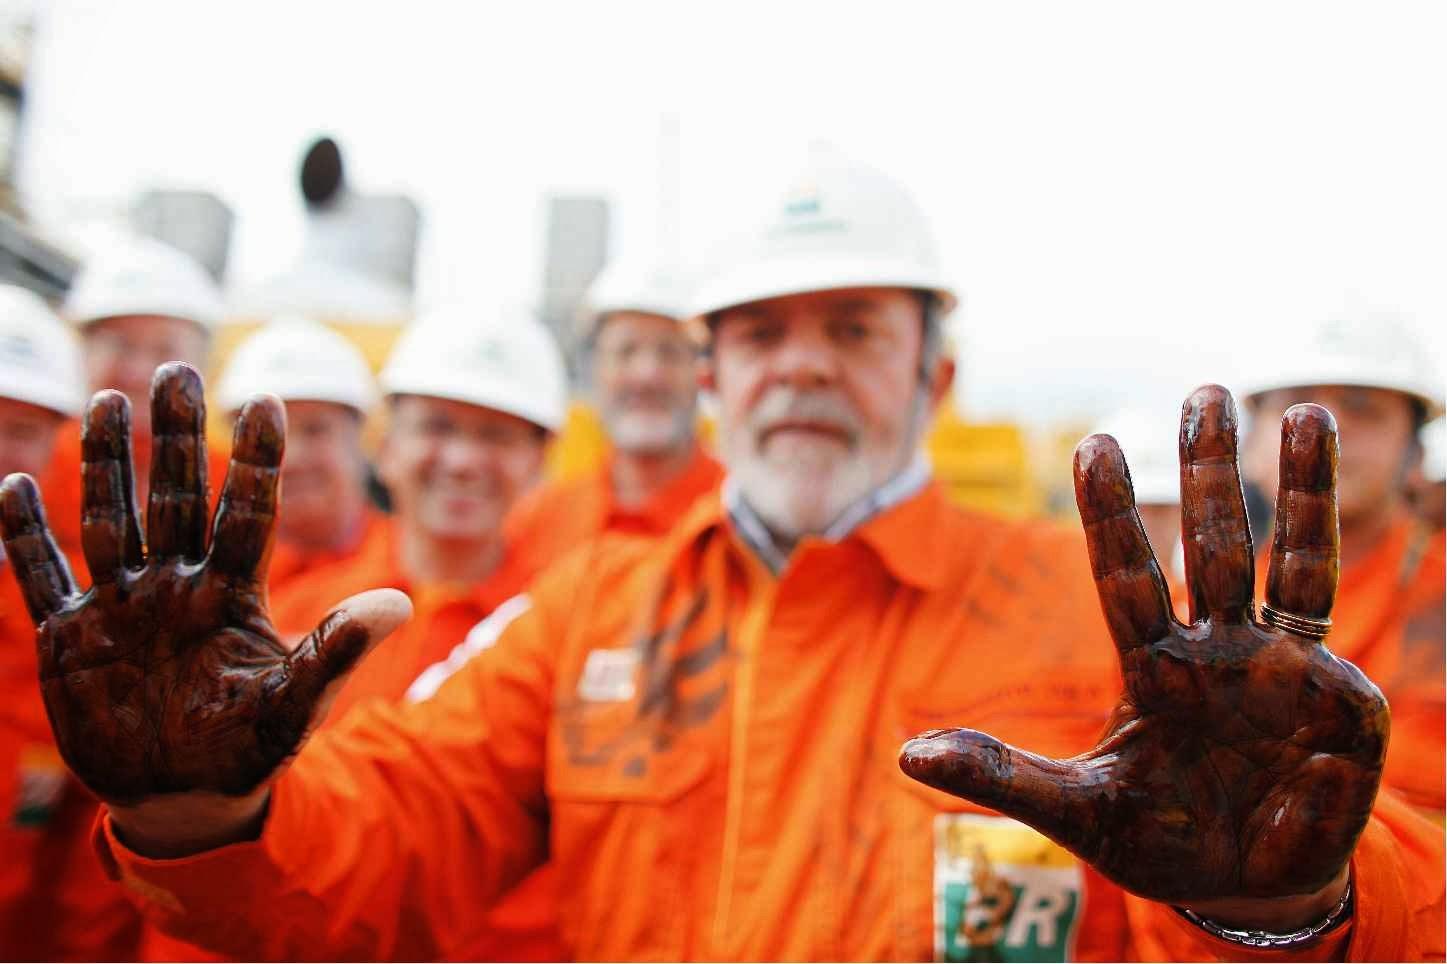 O ex-presidente Lula mostra as mãos sujas com petróleo da primeira extração feita pela Petrobras em 2008, na plataforma P-34, no campo de Baleia Franca, em Vitória (ES).